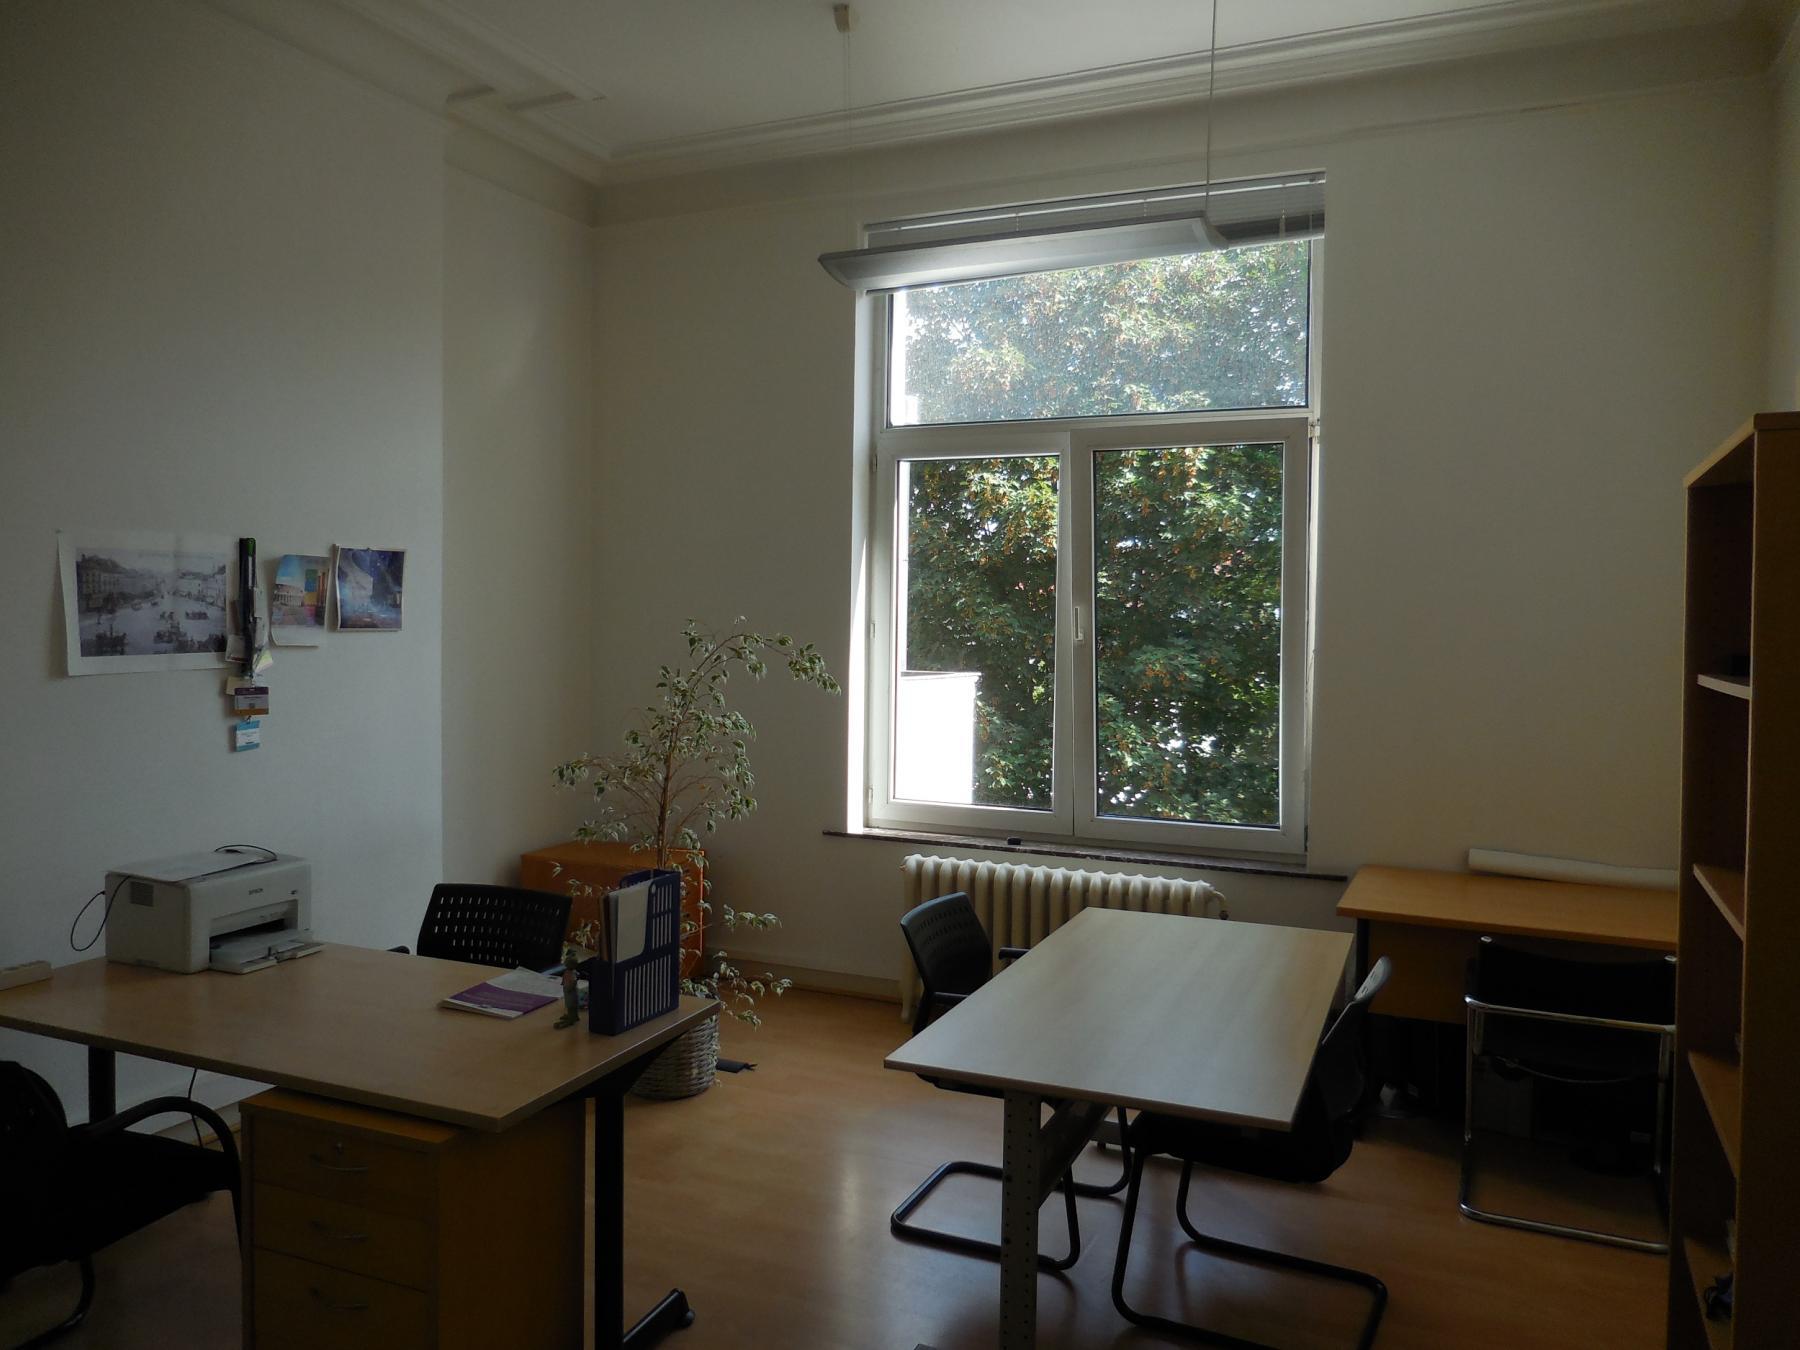 Rent office space Rue des Deux Eglises 37-39 37-39, Brussel (15)